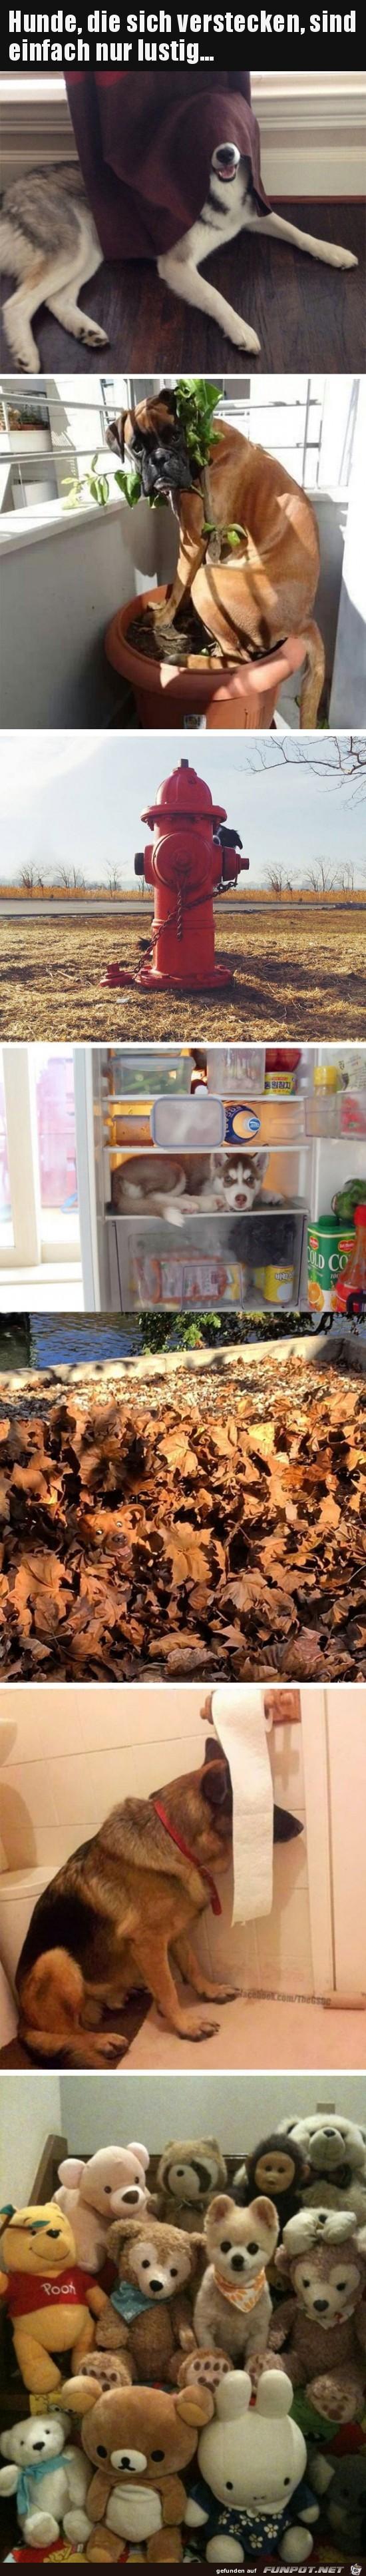 Hunde verstecken sich